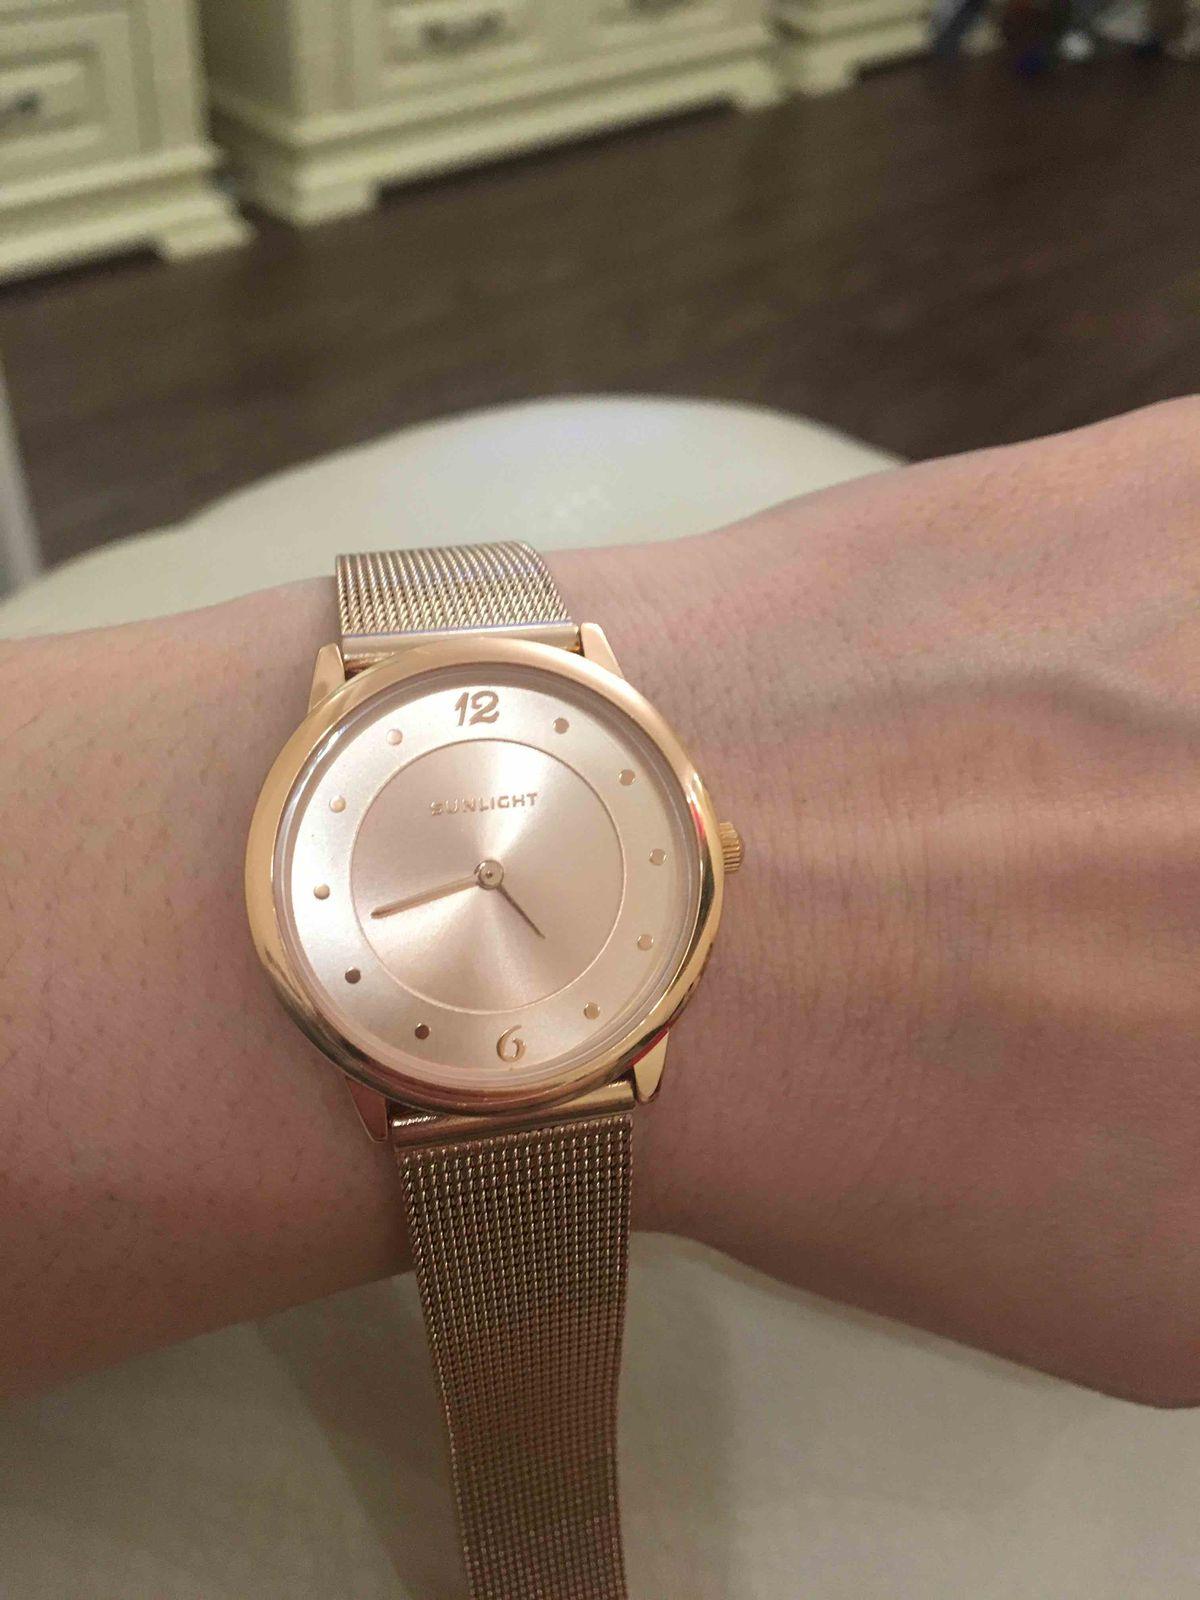 Мои первые часы! Хороший подарок на                 Новый год!!!